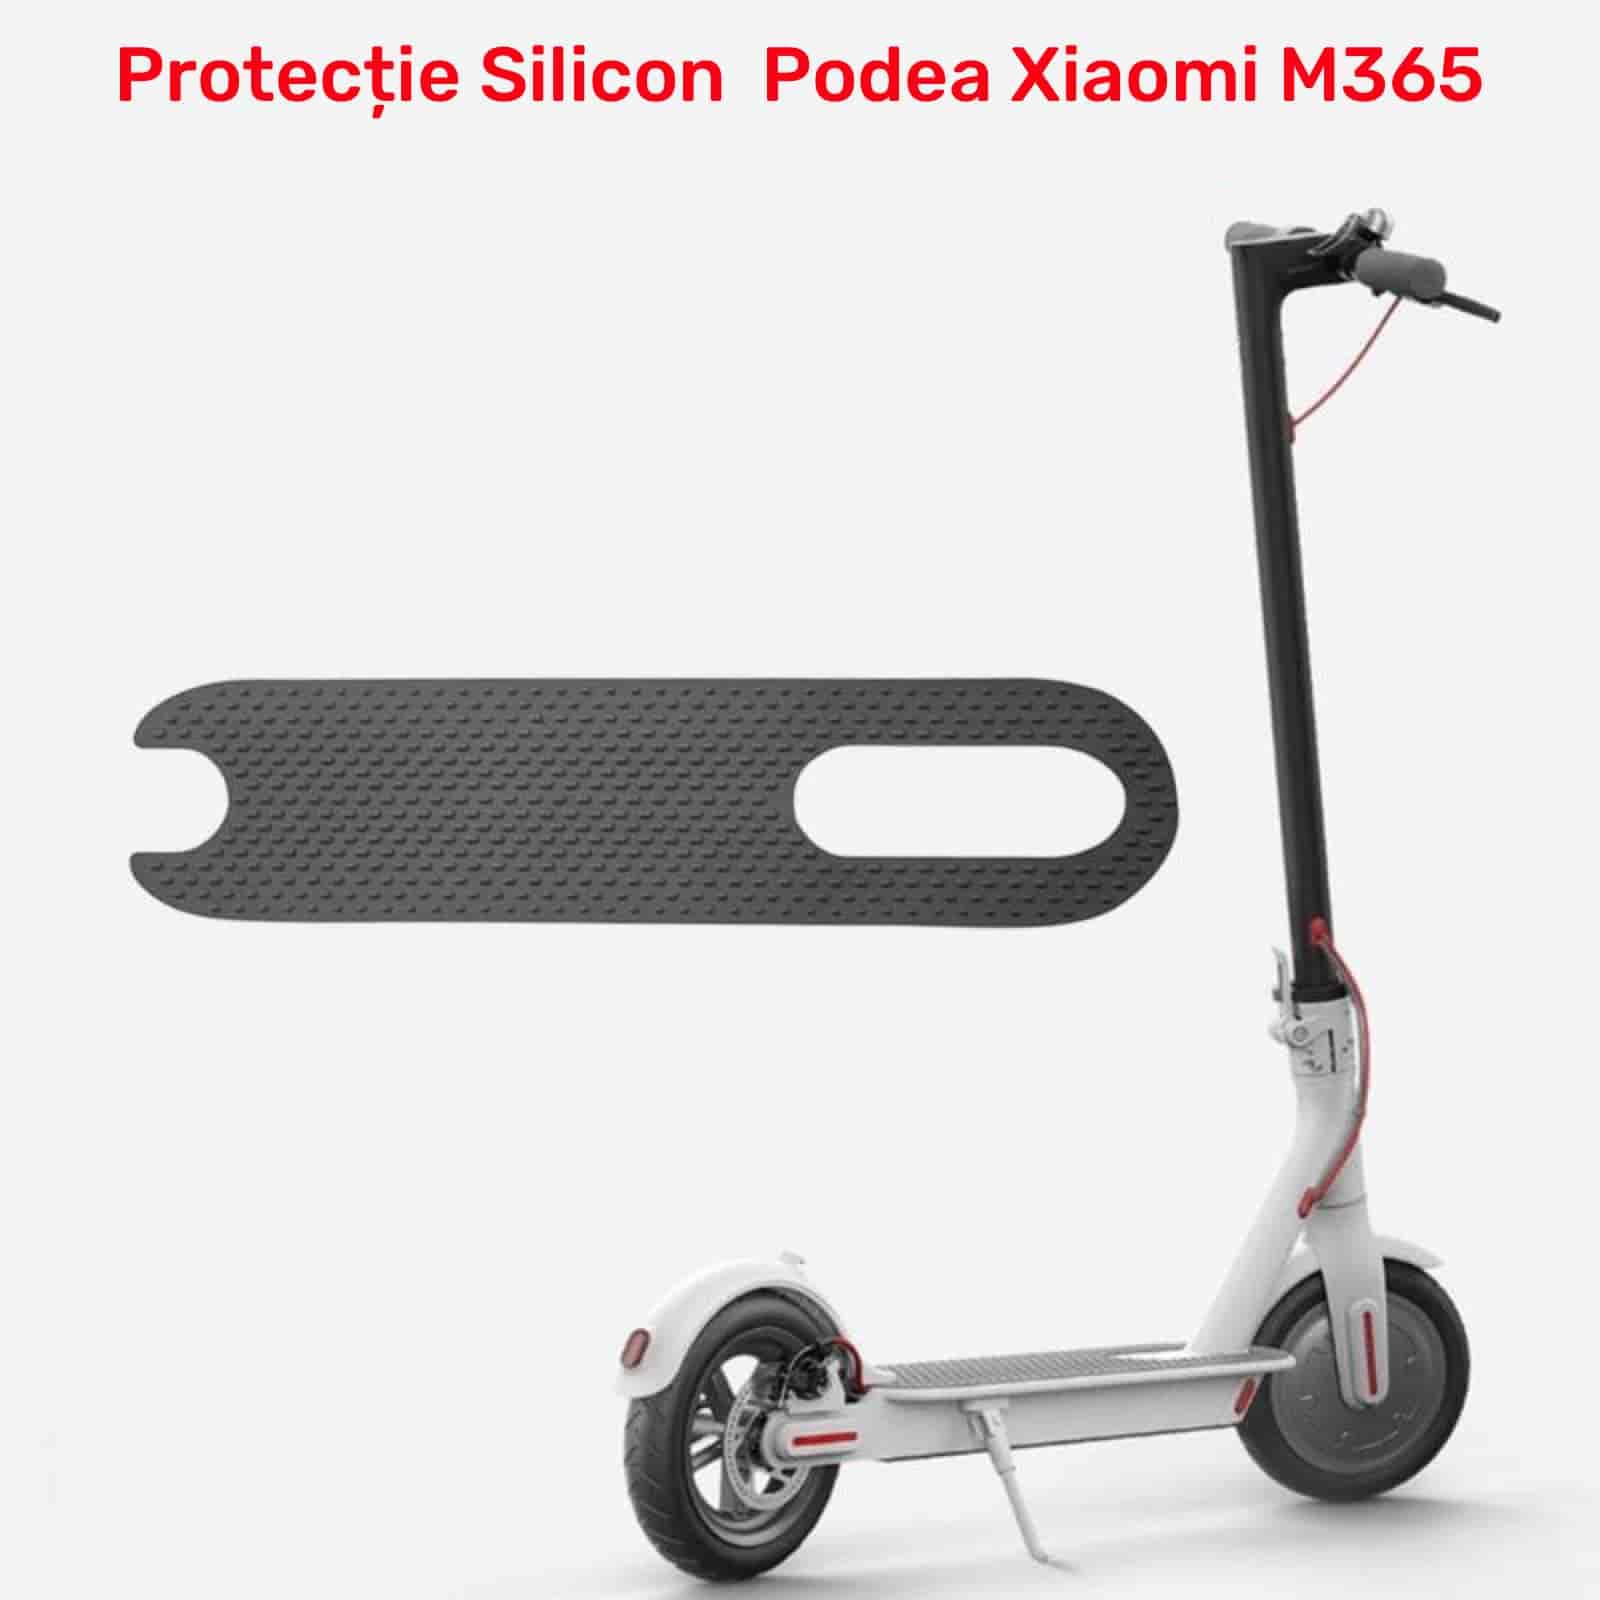 Protecție silicon podea antiderapantă adezivă trotineta electrică Xiaomi M365 PRO 3